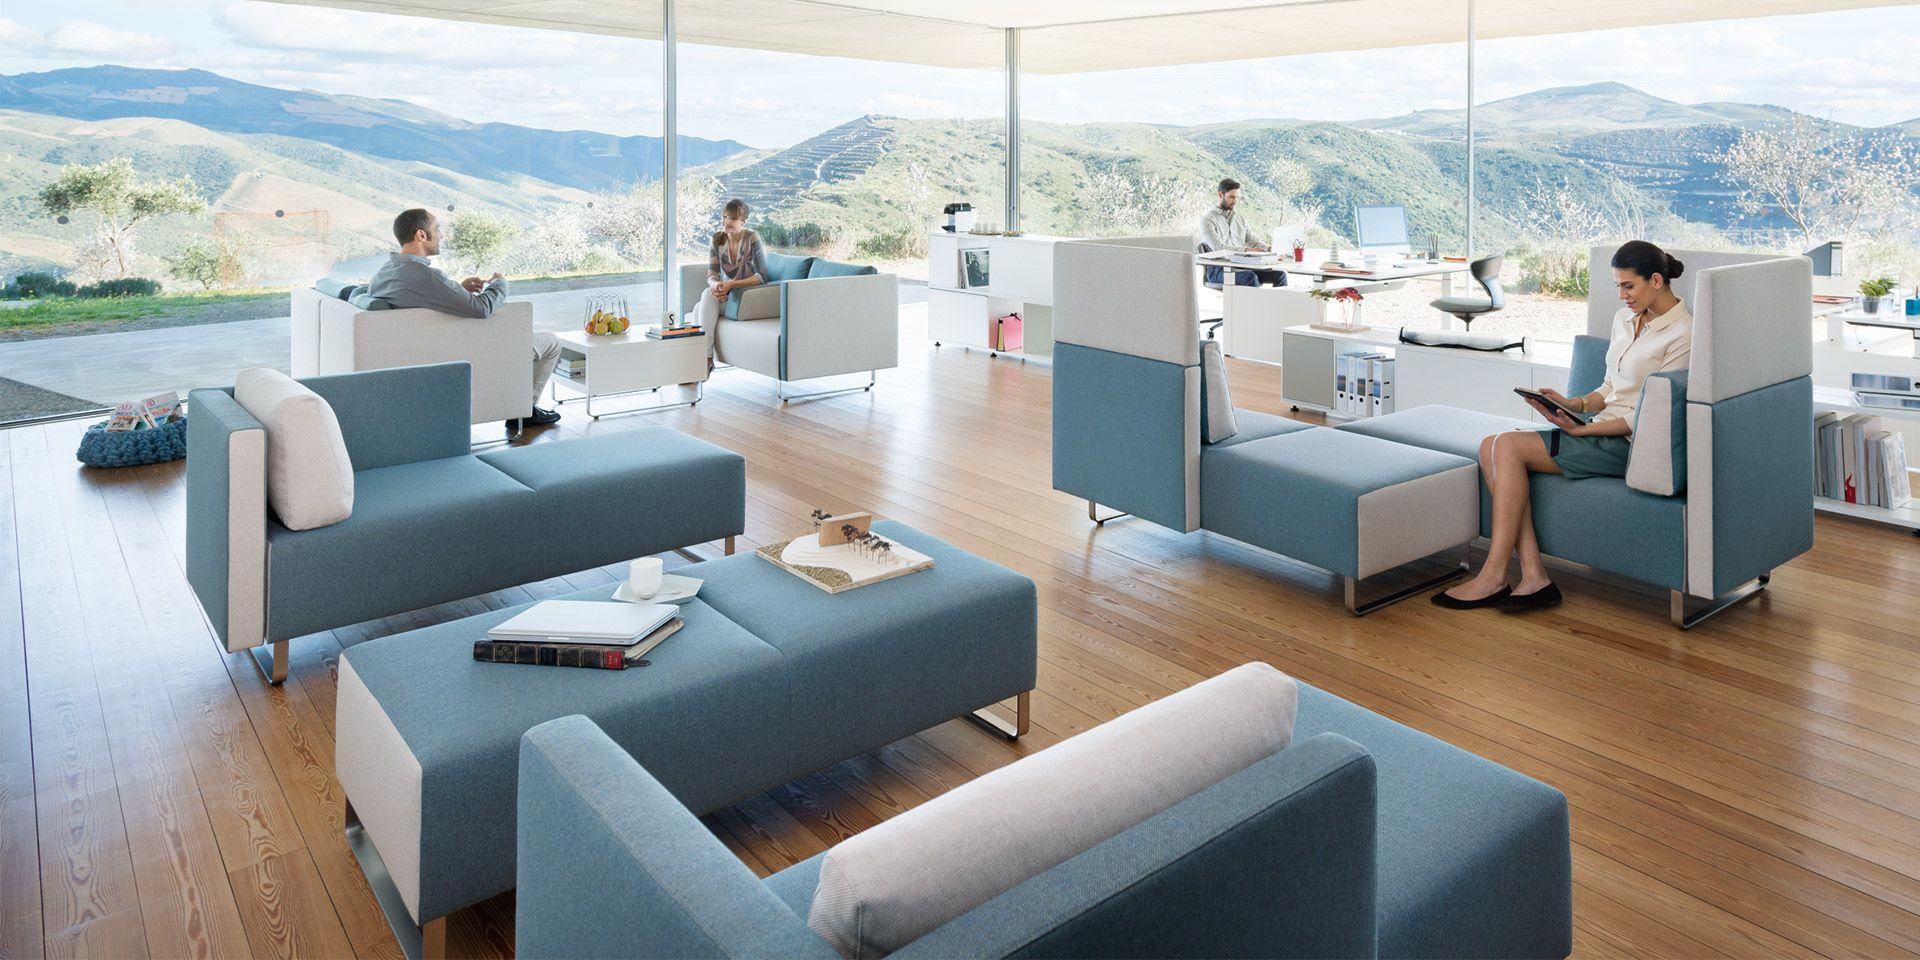 Lounge möbel für büro  sopha: bequeme Loungemöbel fürs Büro | Sedus | Büromöbel | Pinterest ...